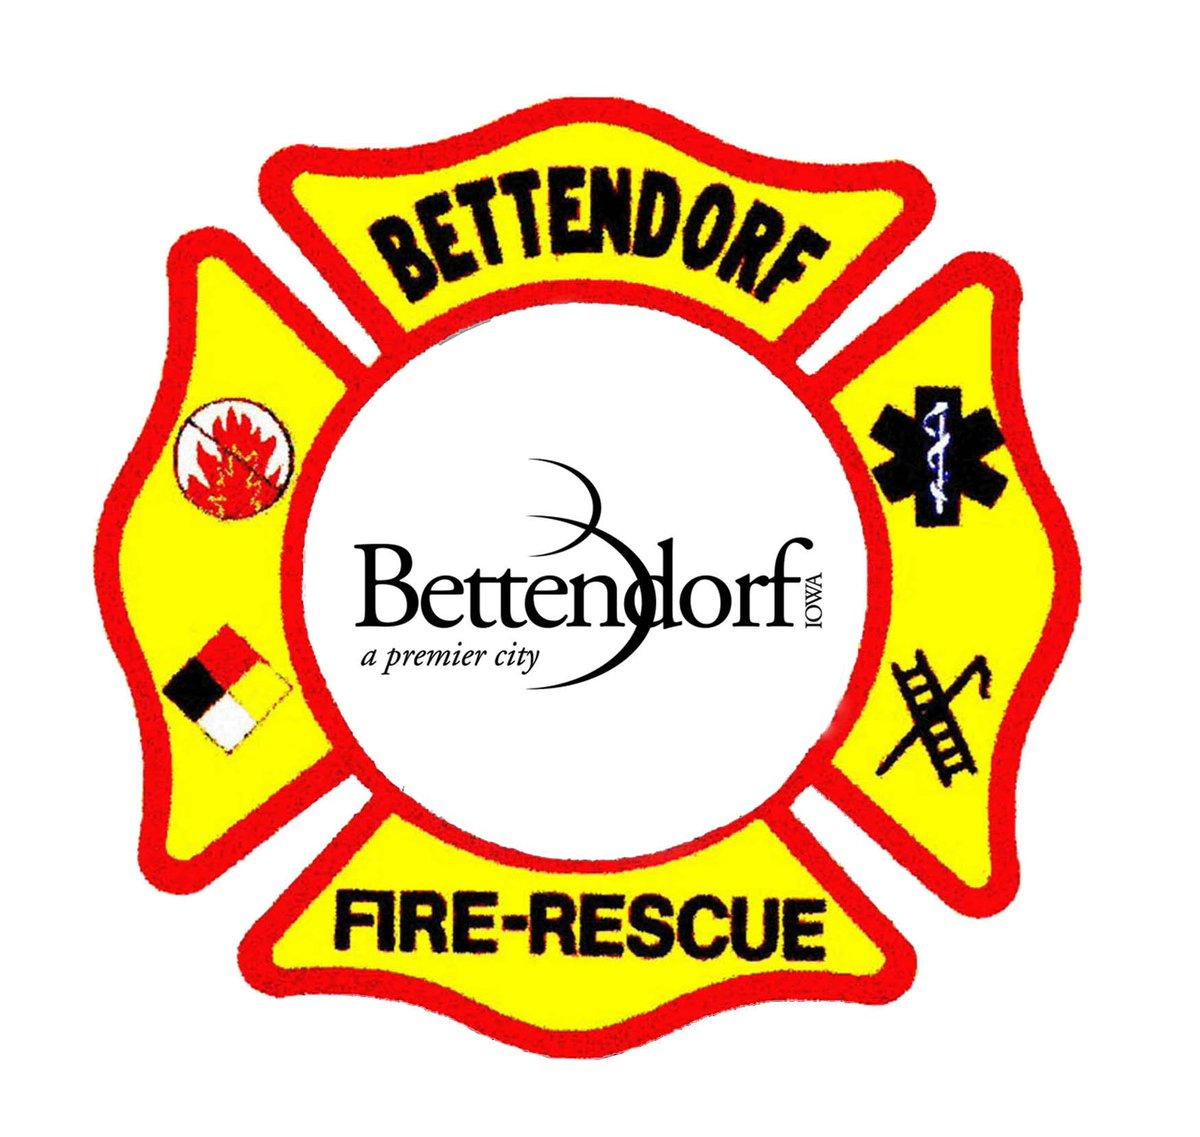 bettendorf fire_1503201686271.jpg